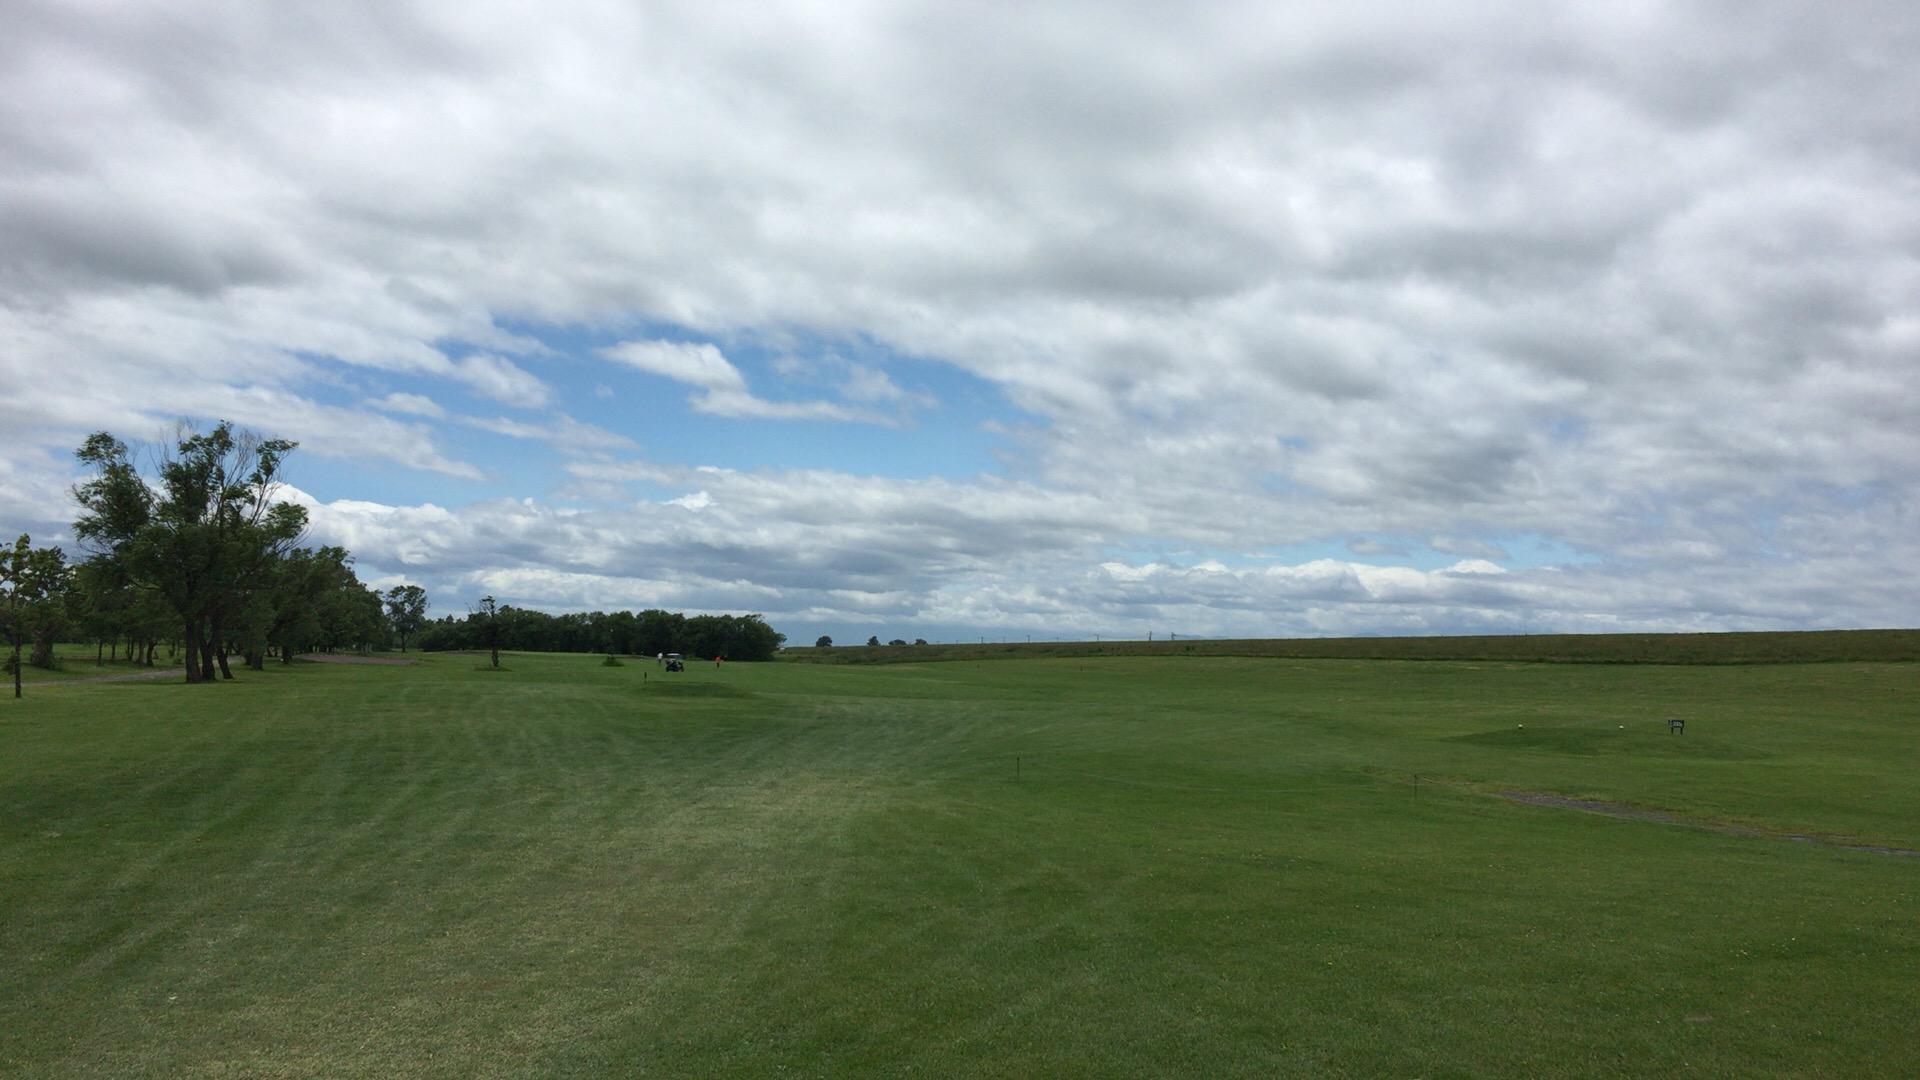 ニューしのつゴルフ場 70台をかけた最終ホールで夢敗れるwww